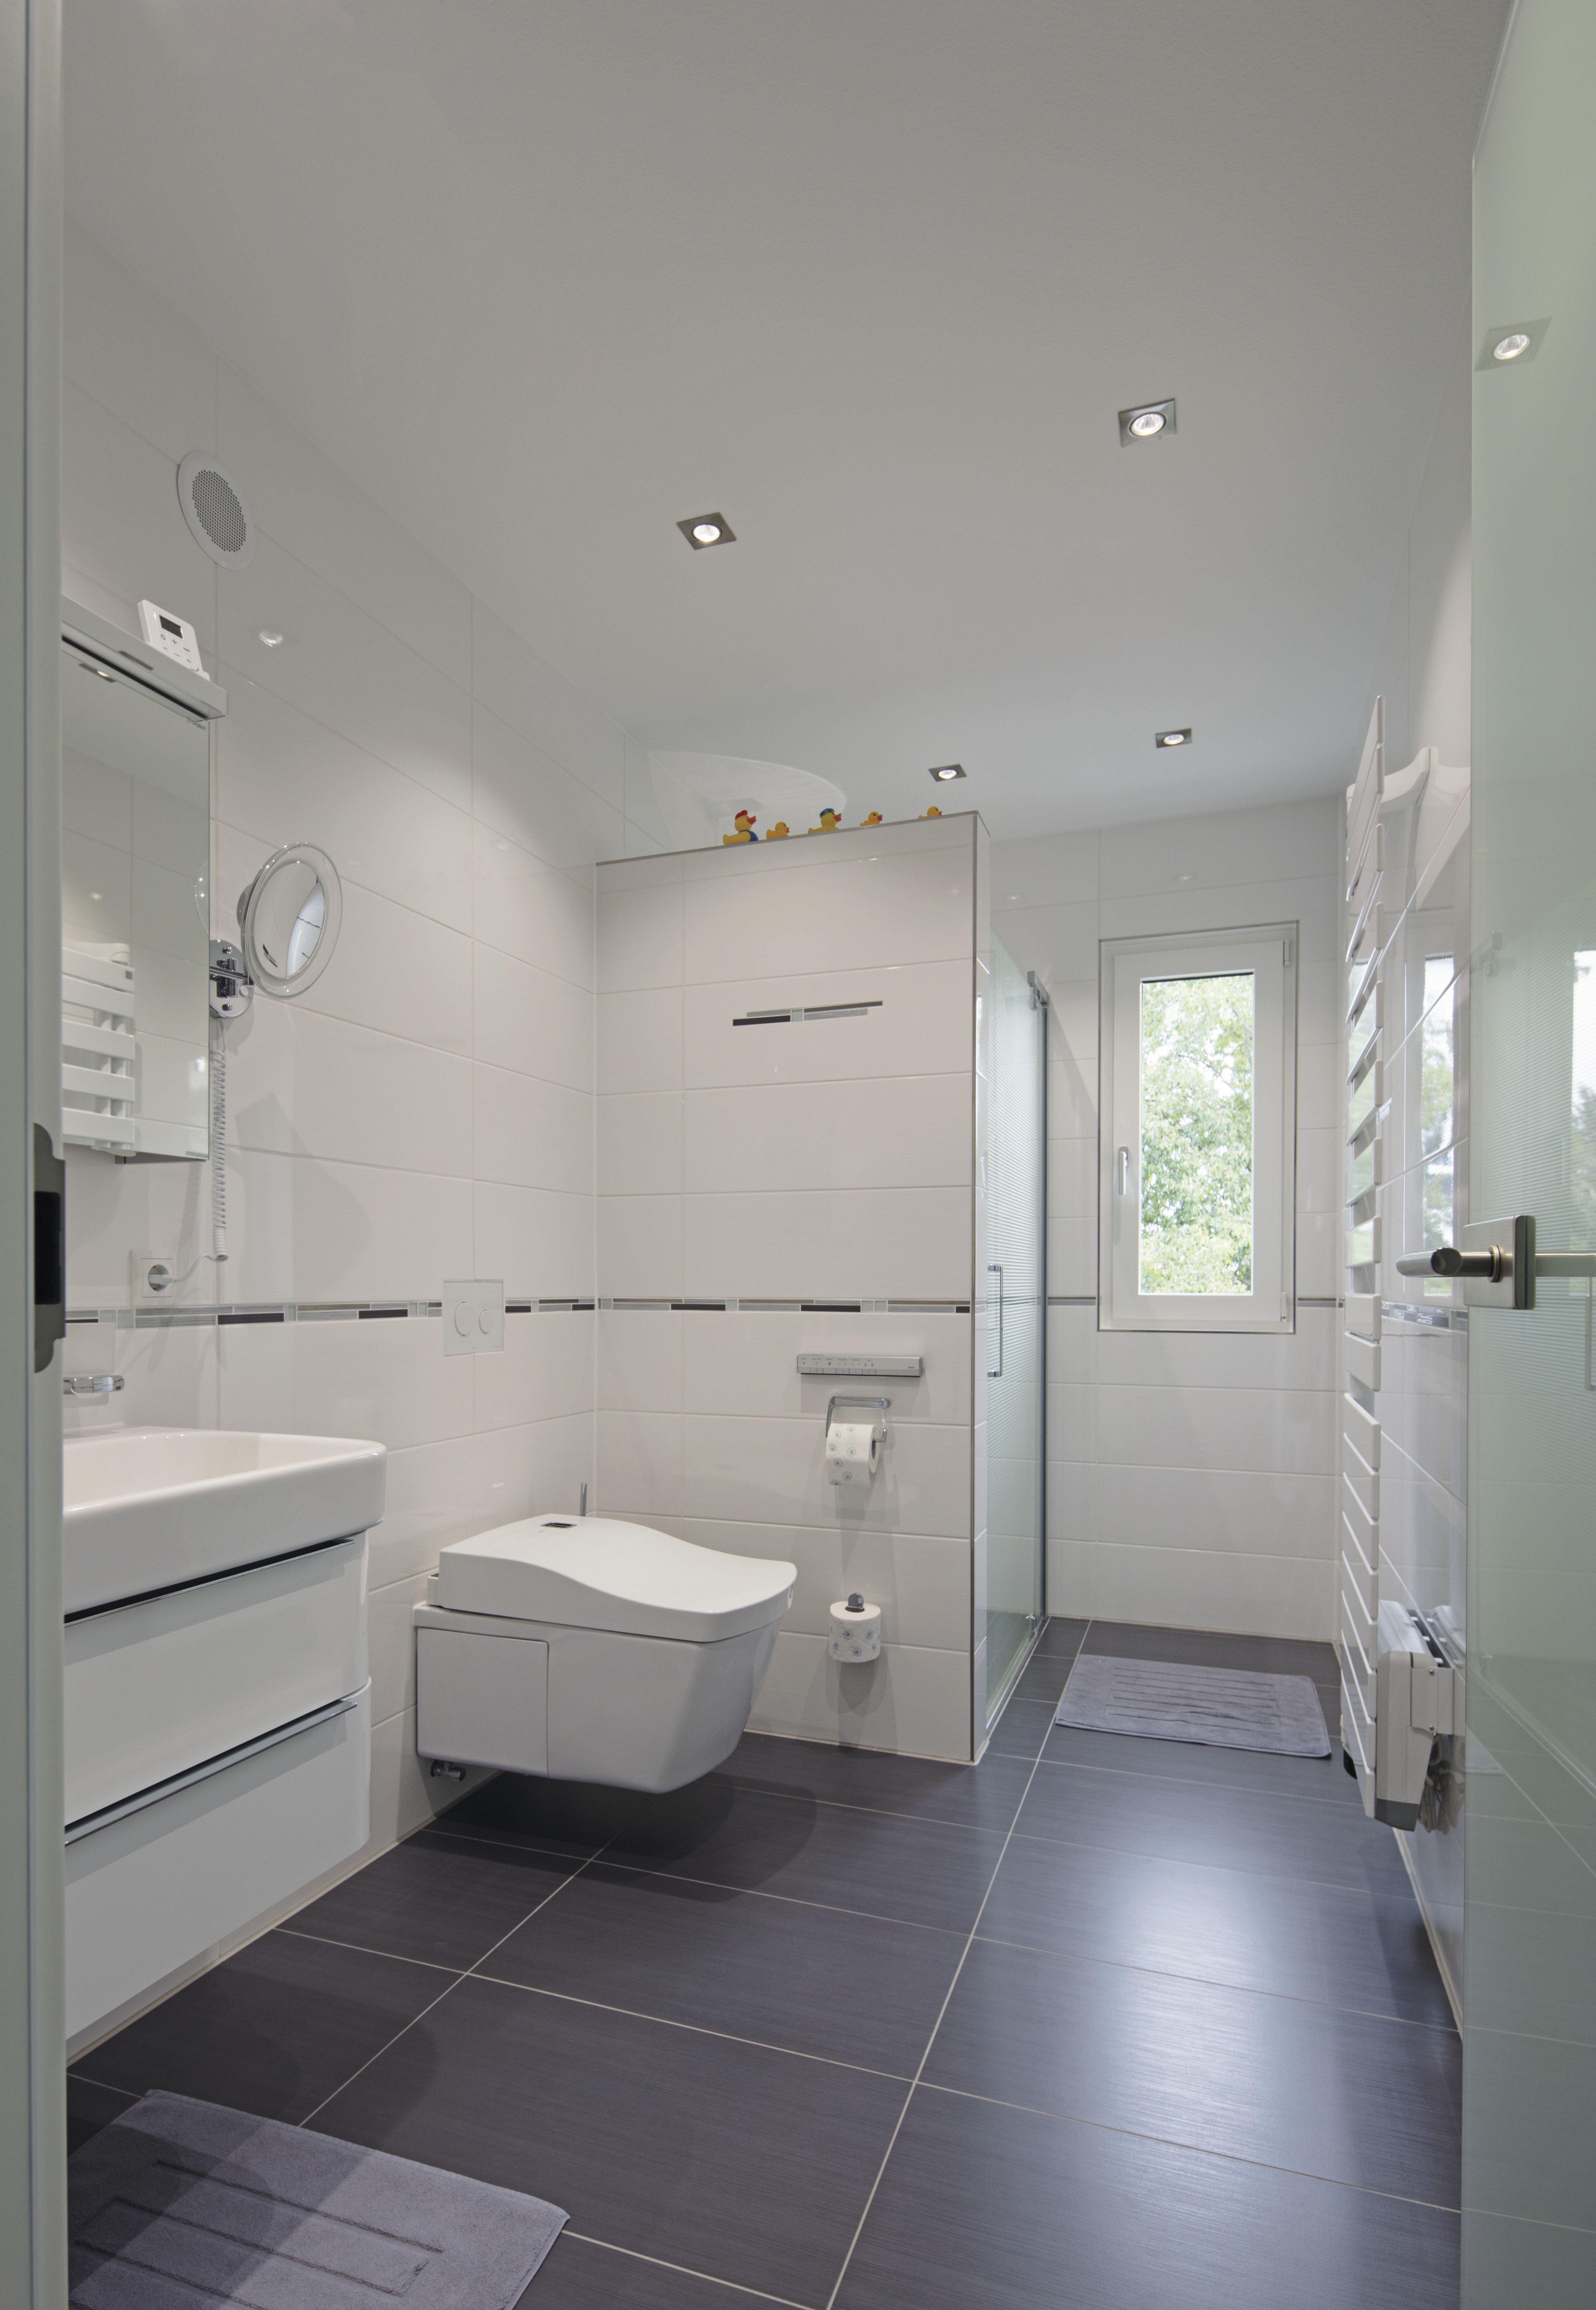 60 Besten Ideen Fur Den Umbau Der Badewanne Im Badezimmer Bathroom Bath In 2020 Badezimmer Renovieren Badewanne Umbauen Badezimmer Innenausstattung